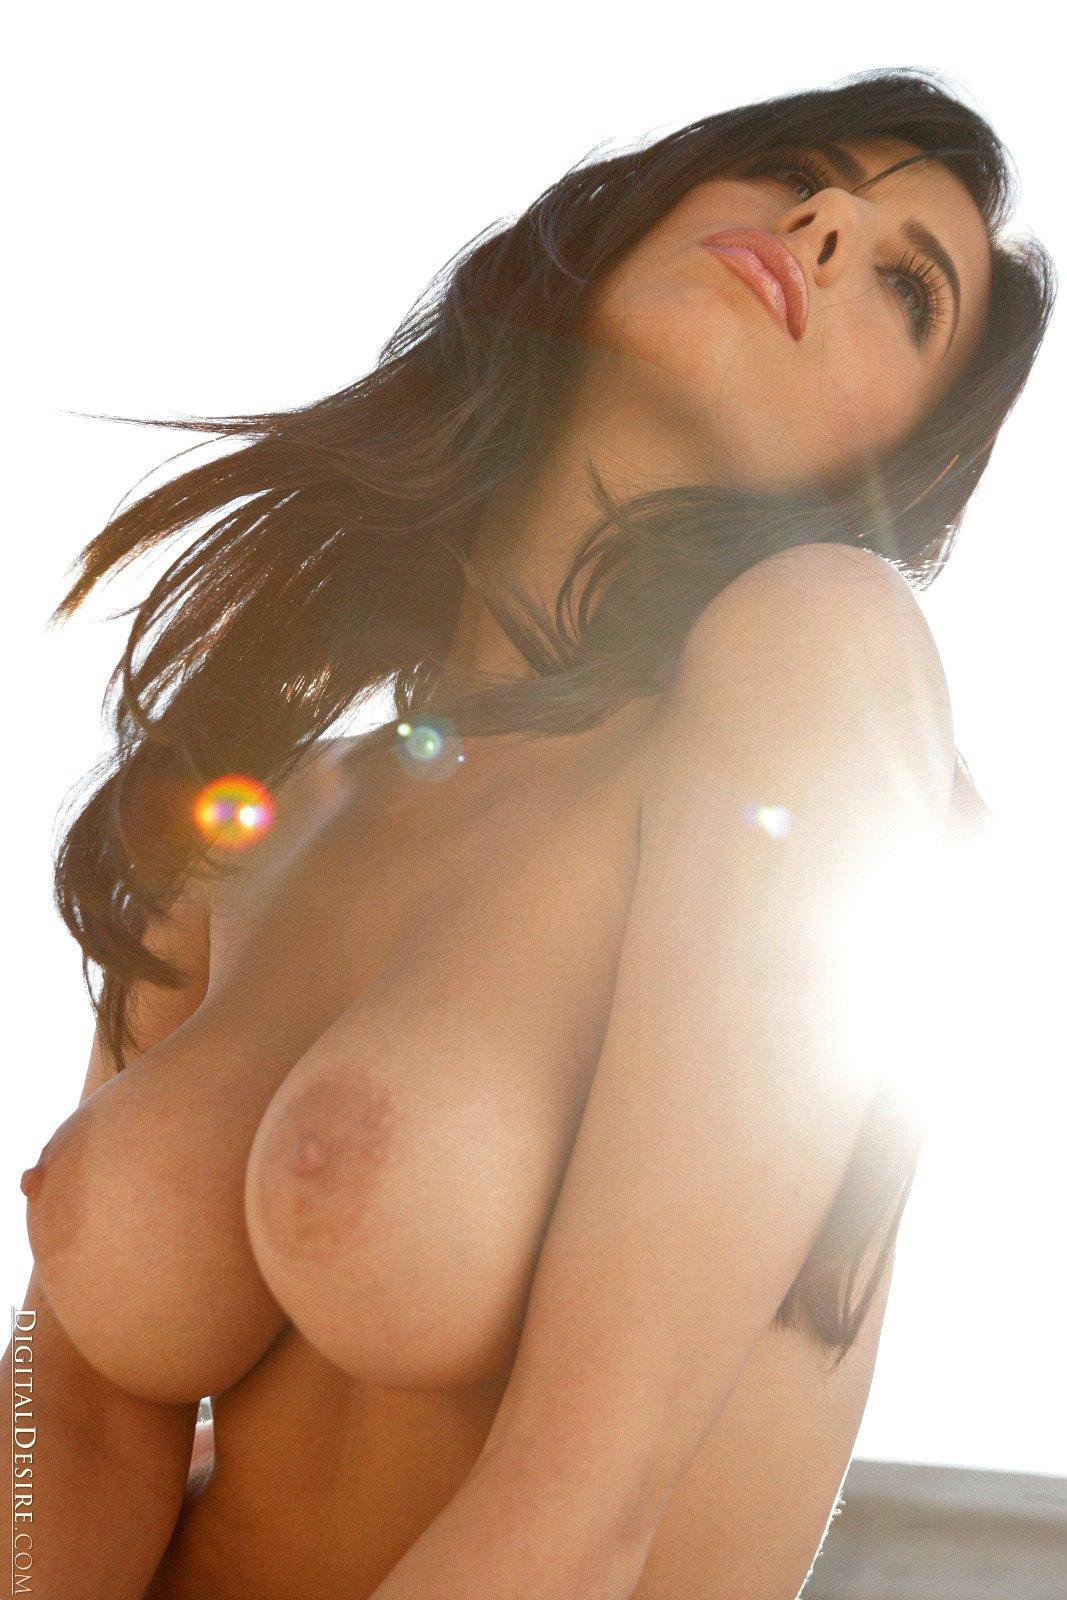 stunning nude camera phone